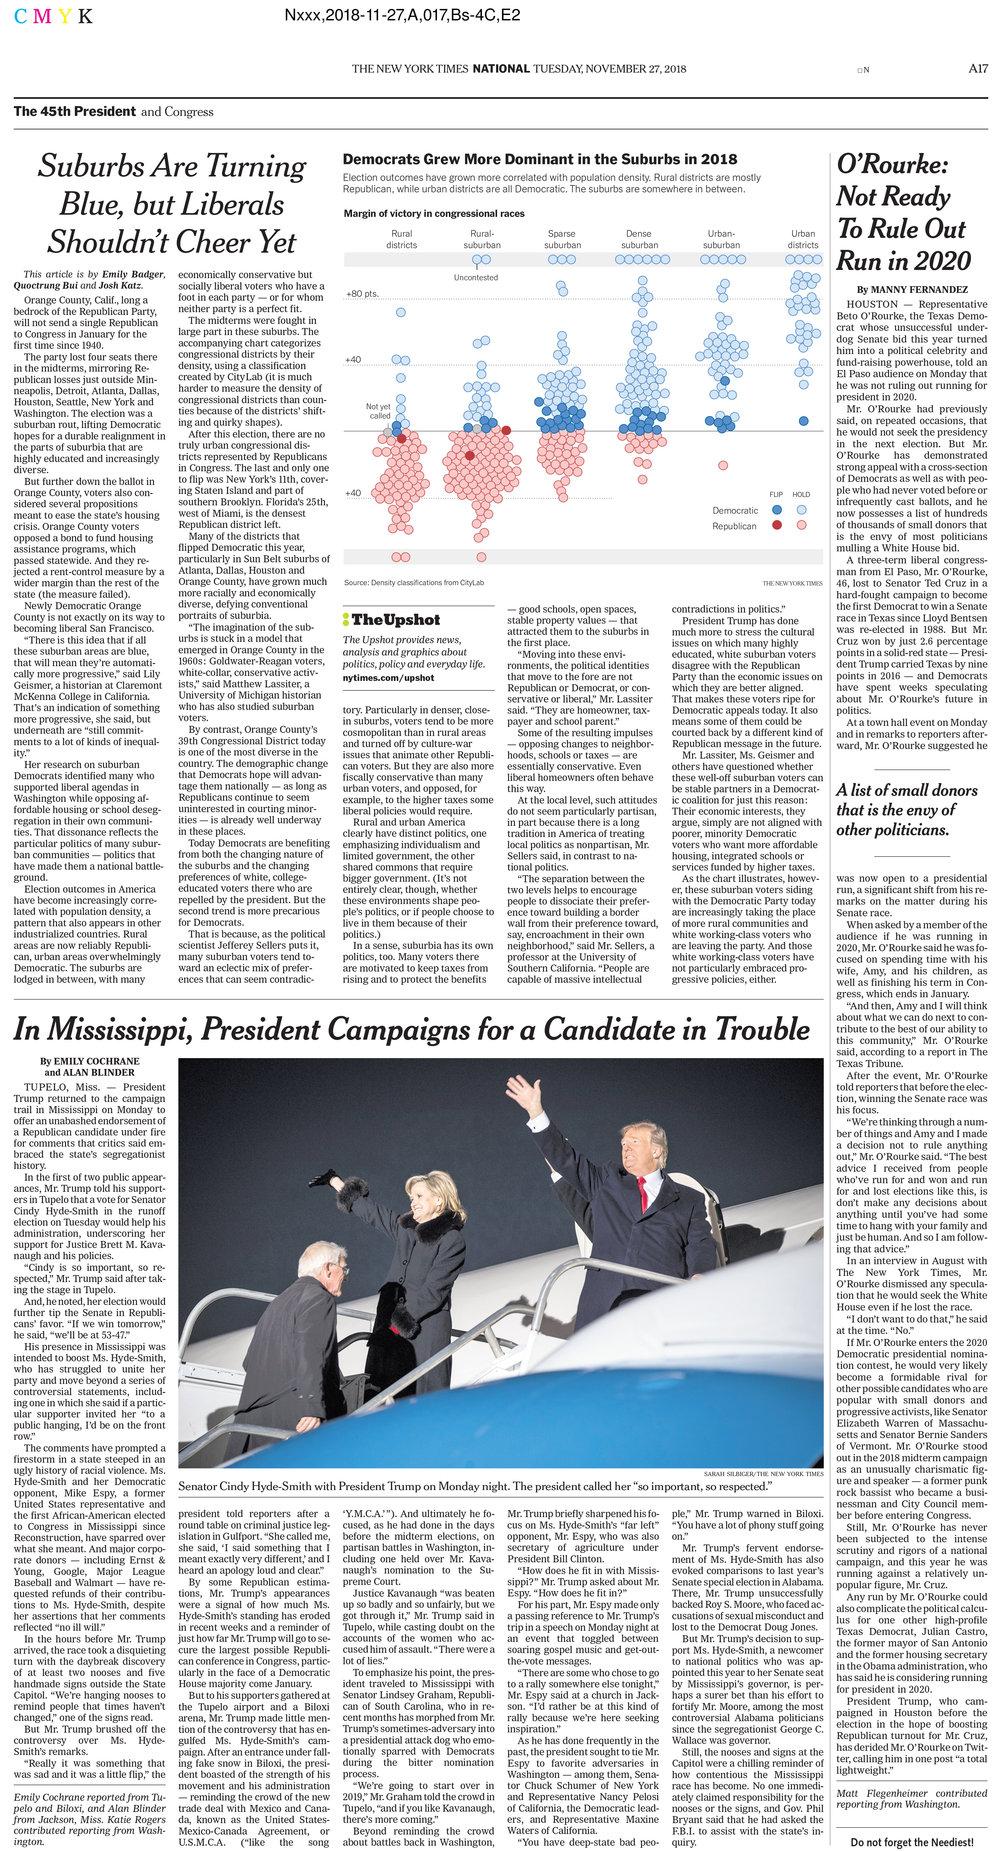 NYT_CLIPS_21.JPG